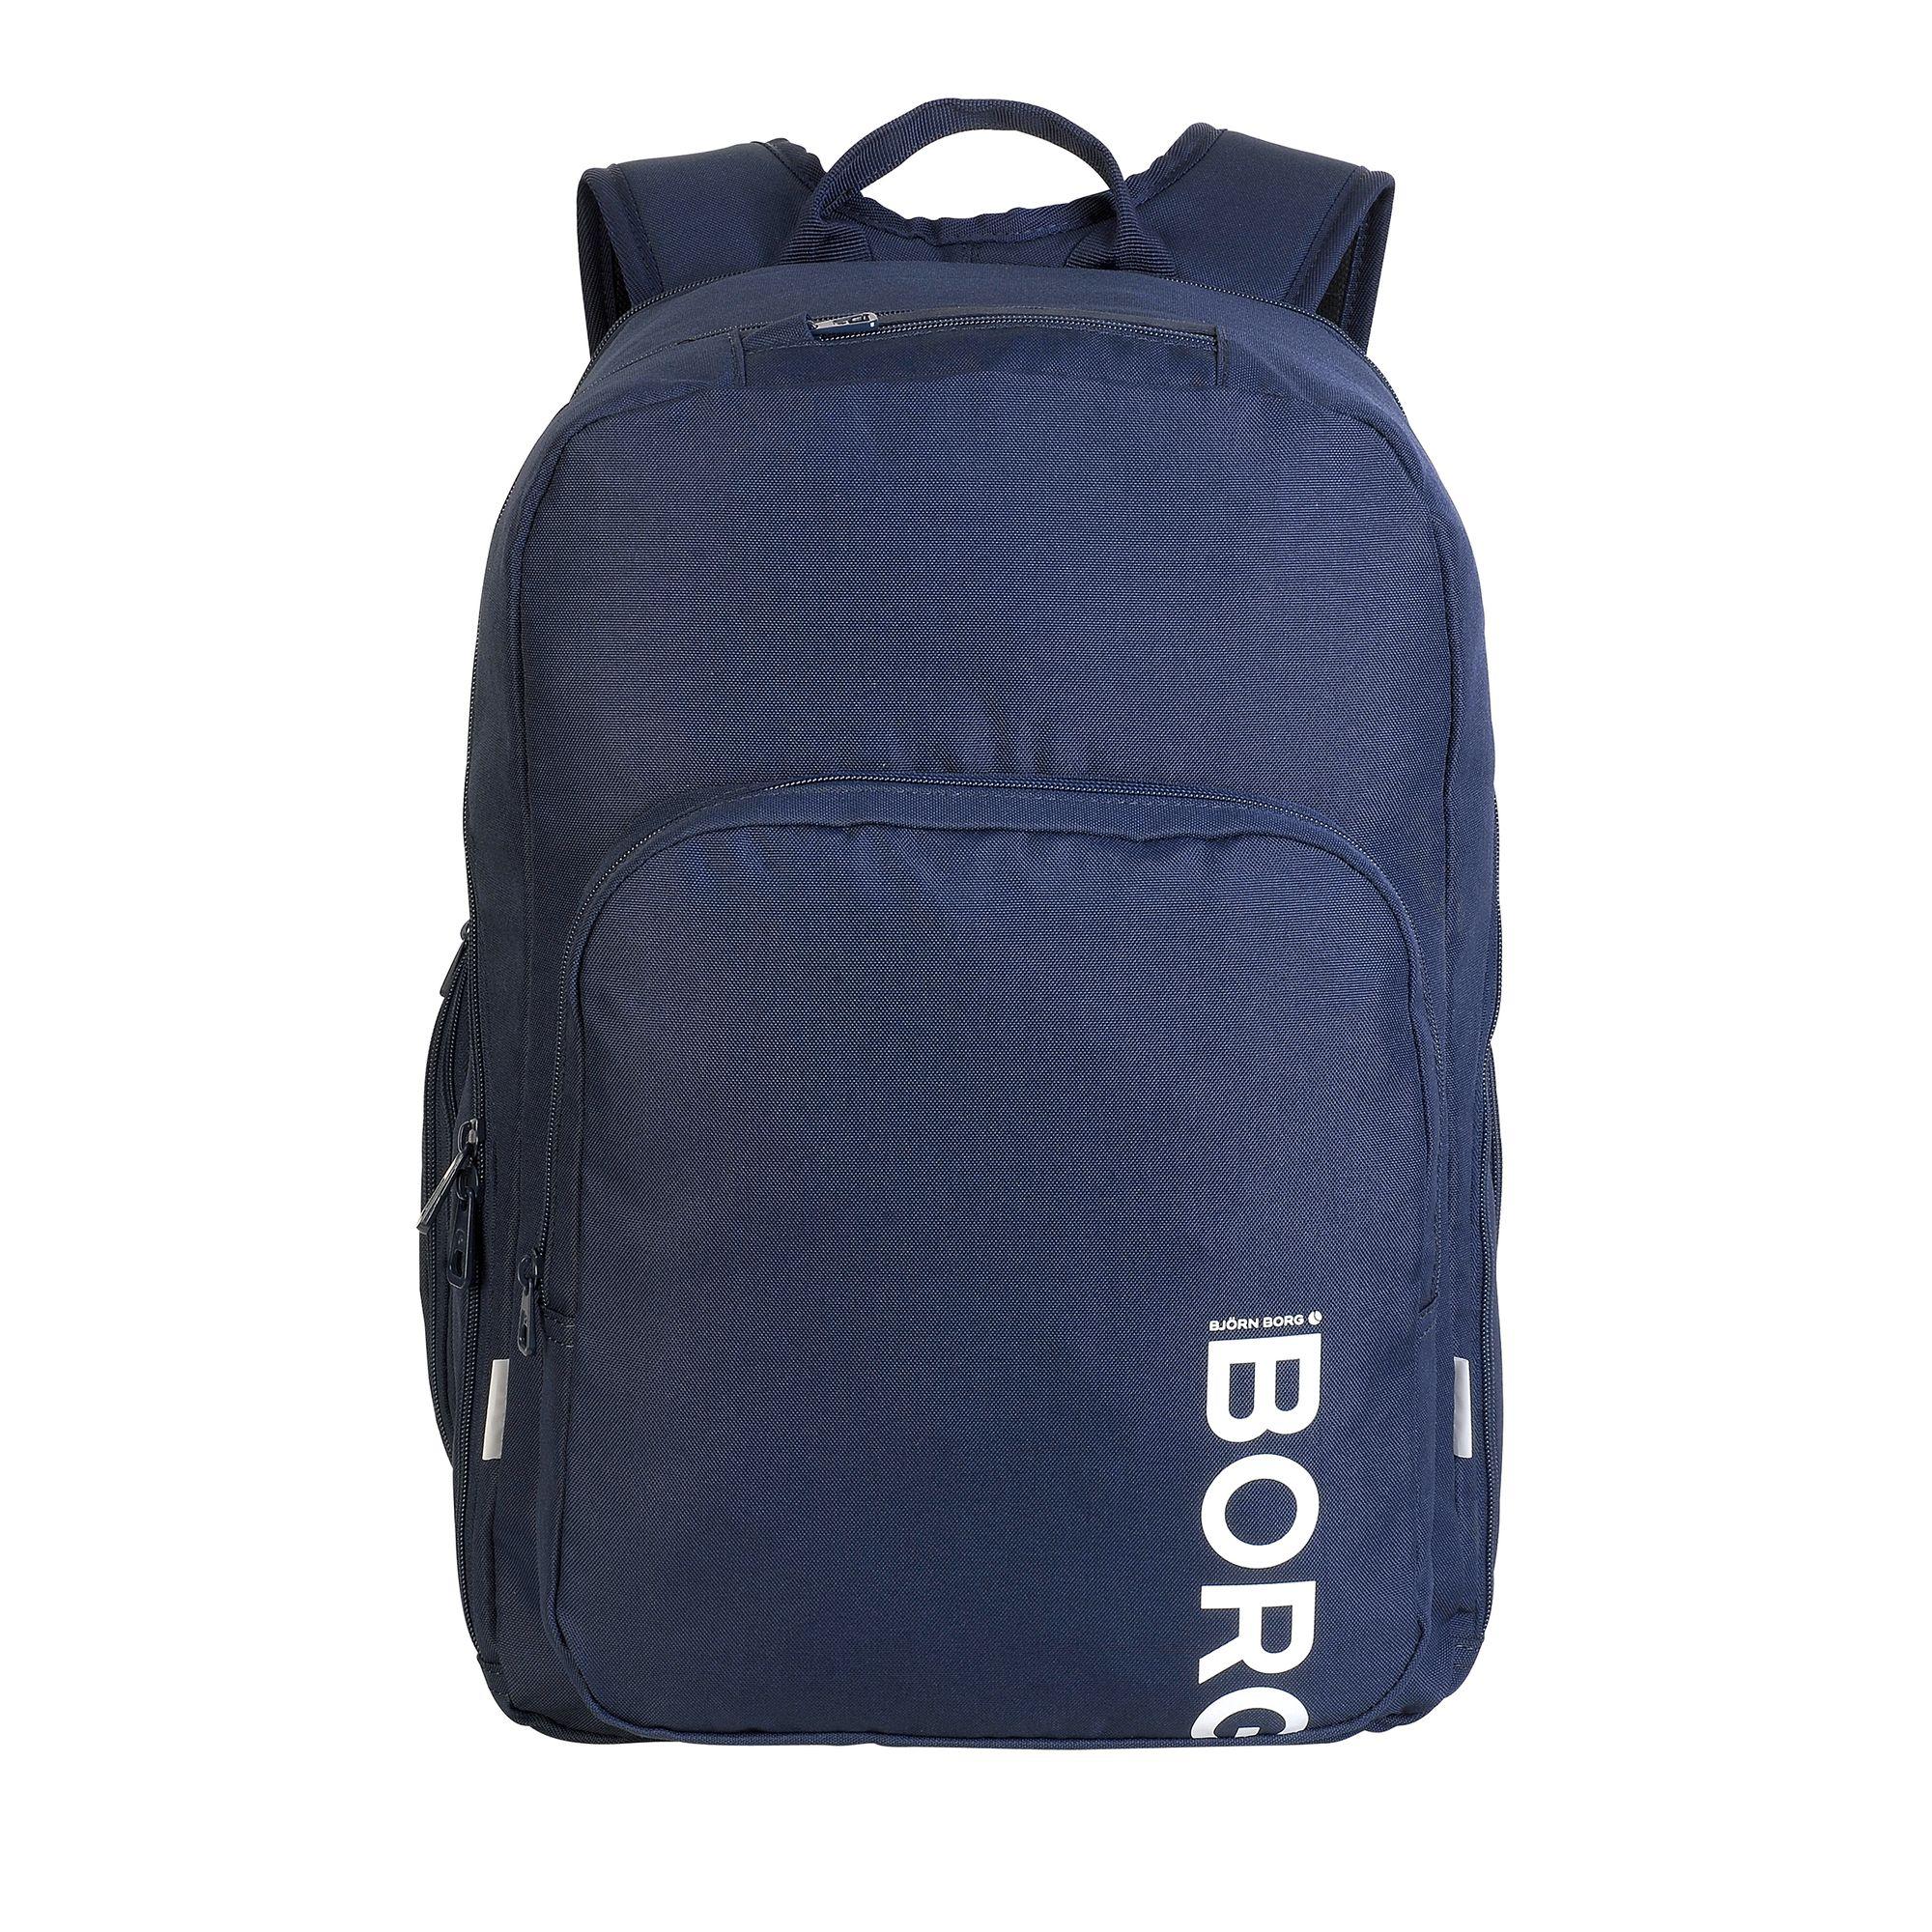 Björn Borg Core 7010 ryggsäck, Mörkblå